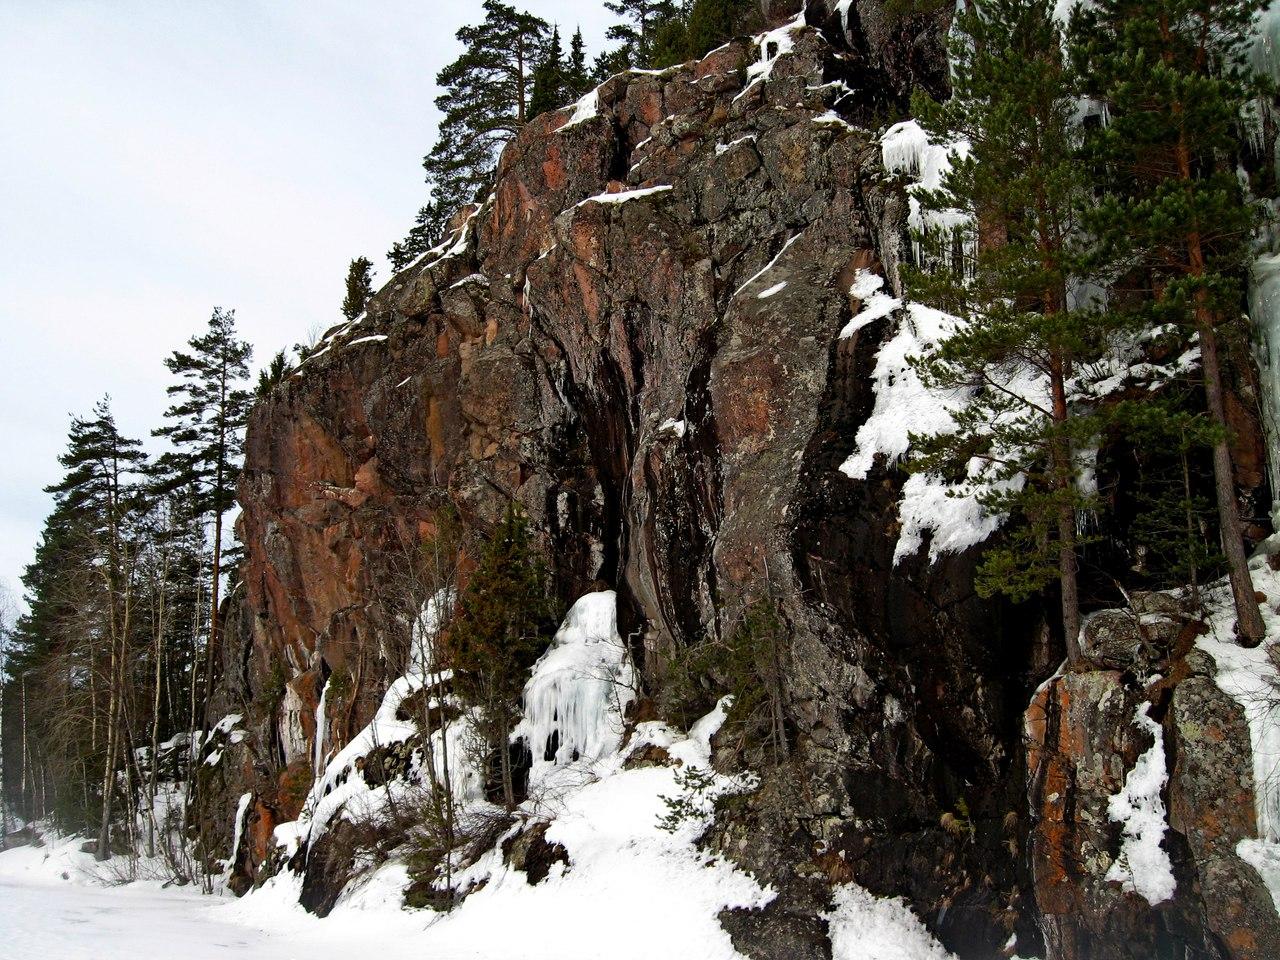 По Карелии в марте. Прогулка по льду в Ладожских шхерах.